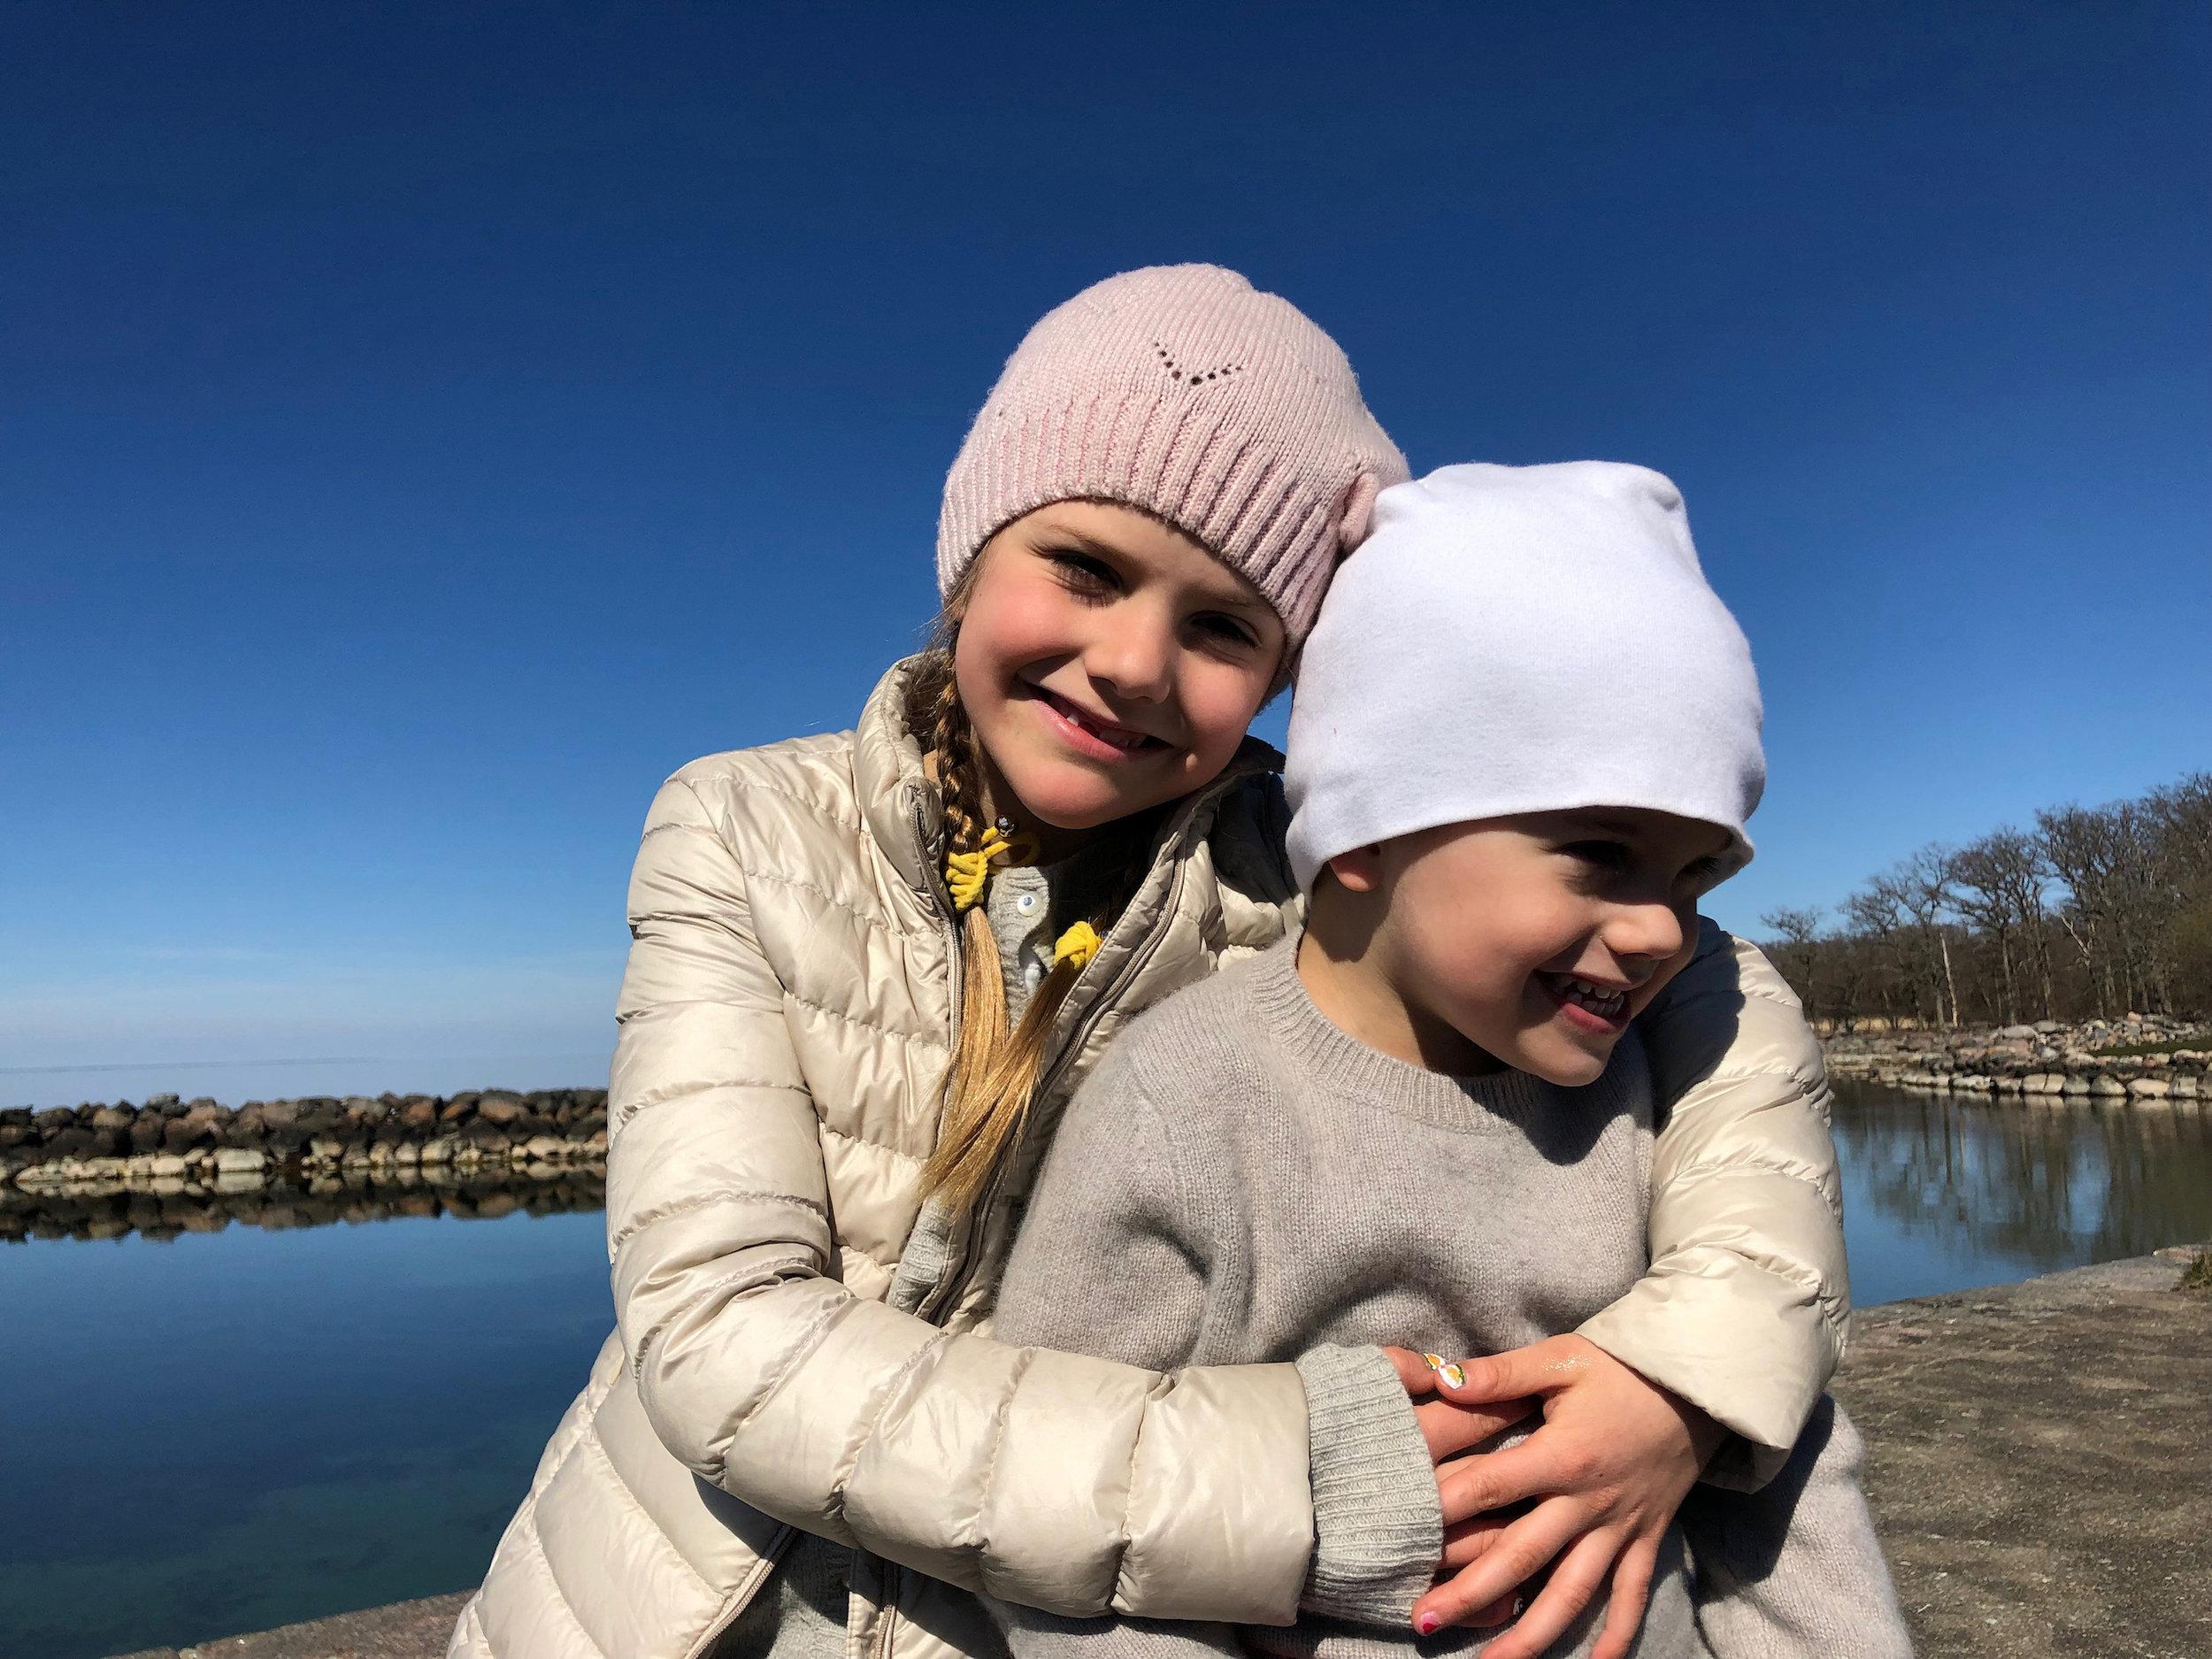 Wahre Geschwisterliebe: Prinzessin Estelle kuschelt mit ihrem Bruder Prinz Oscar.  ©H.K.H. Kronprinsessan